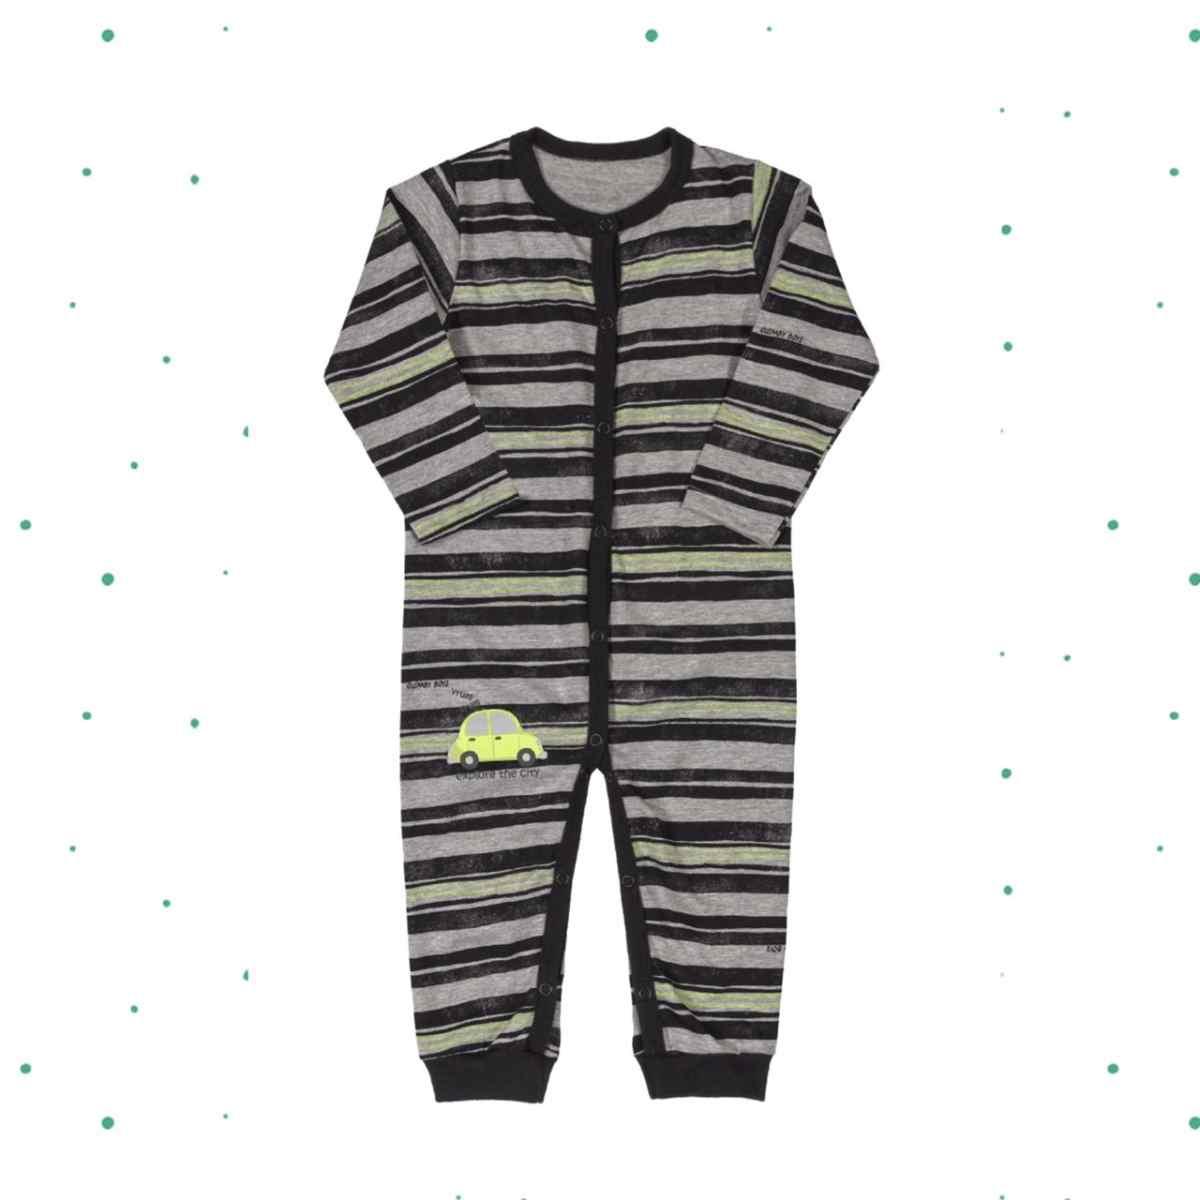 Macacão Bebê Menino em 100% Algodão Estampa com Neon e Puff